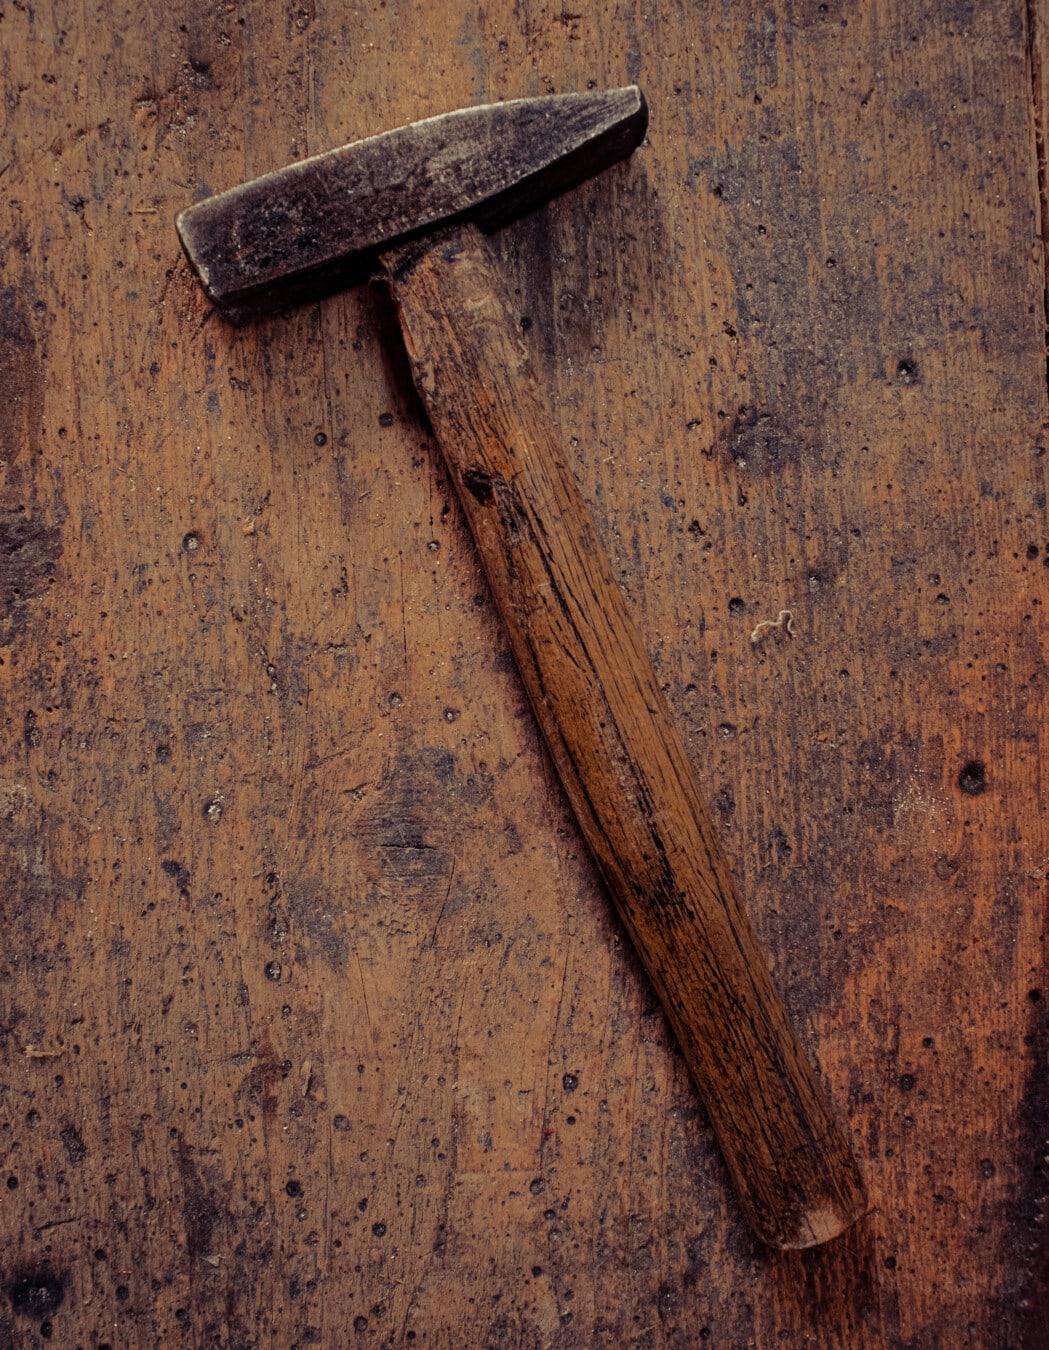 Hammer, requin-marteau, outil, outil à main, vintage, Rough, sombre, en bois, bois, menuiserie